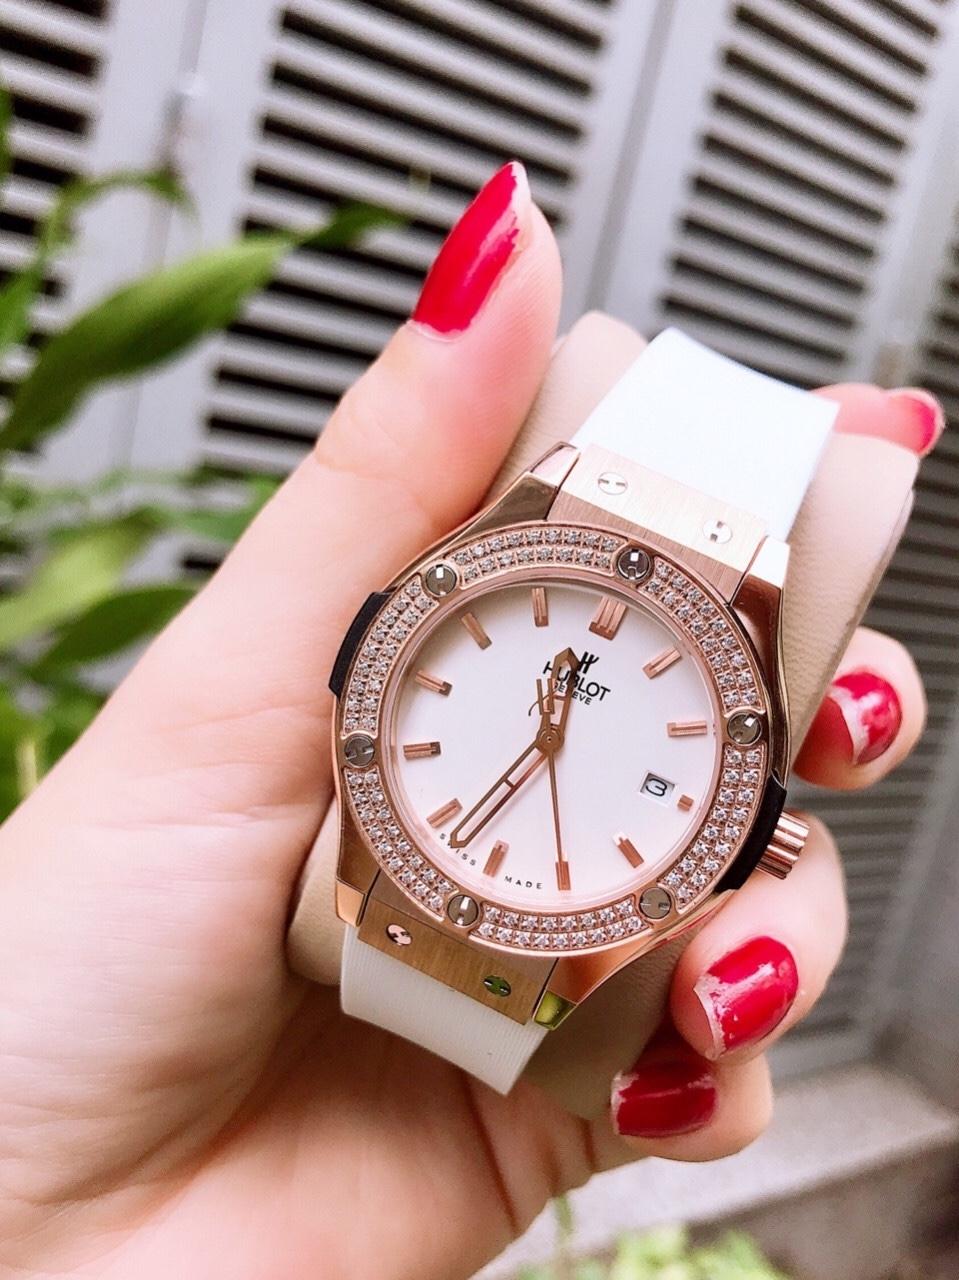 Đồng hồ thời trang Hublot  nữ - Bản Trắng